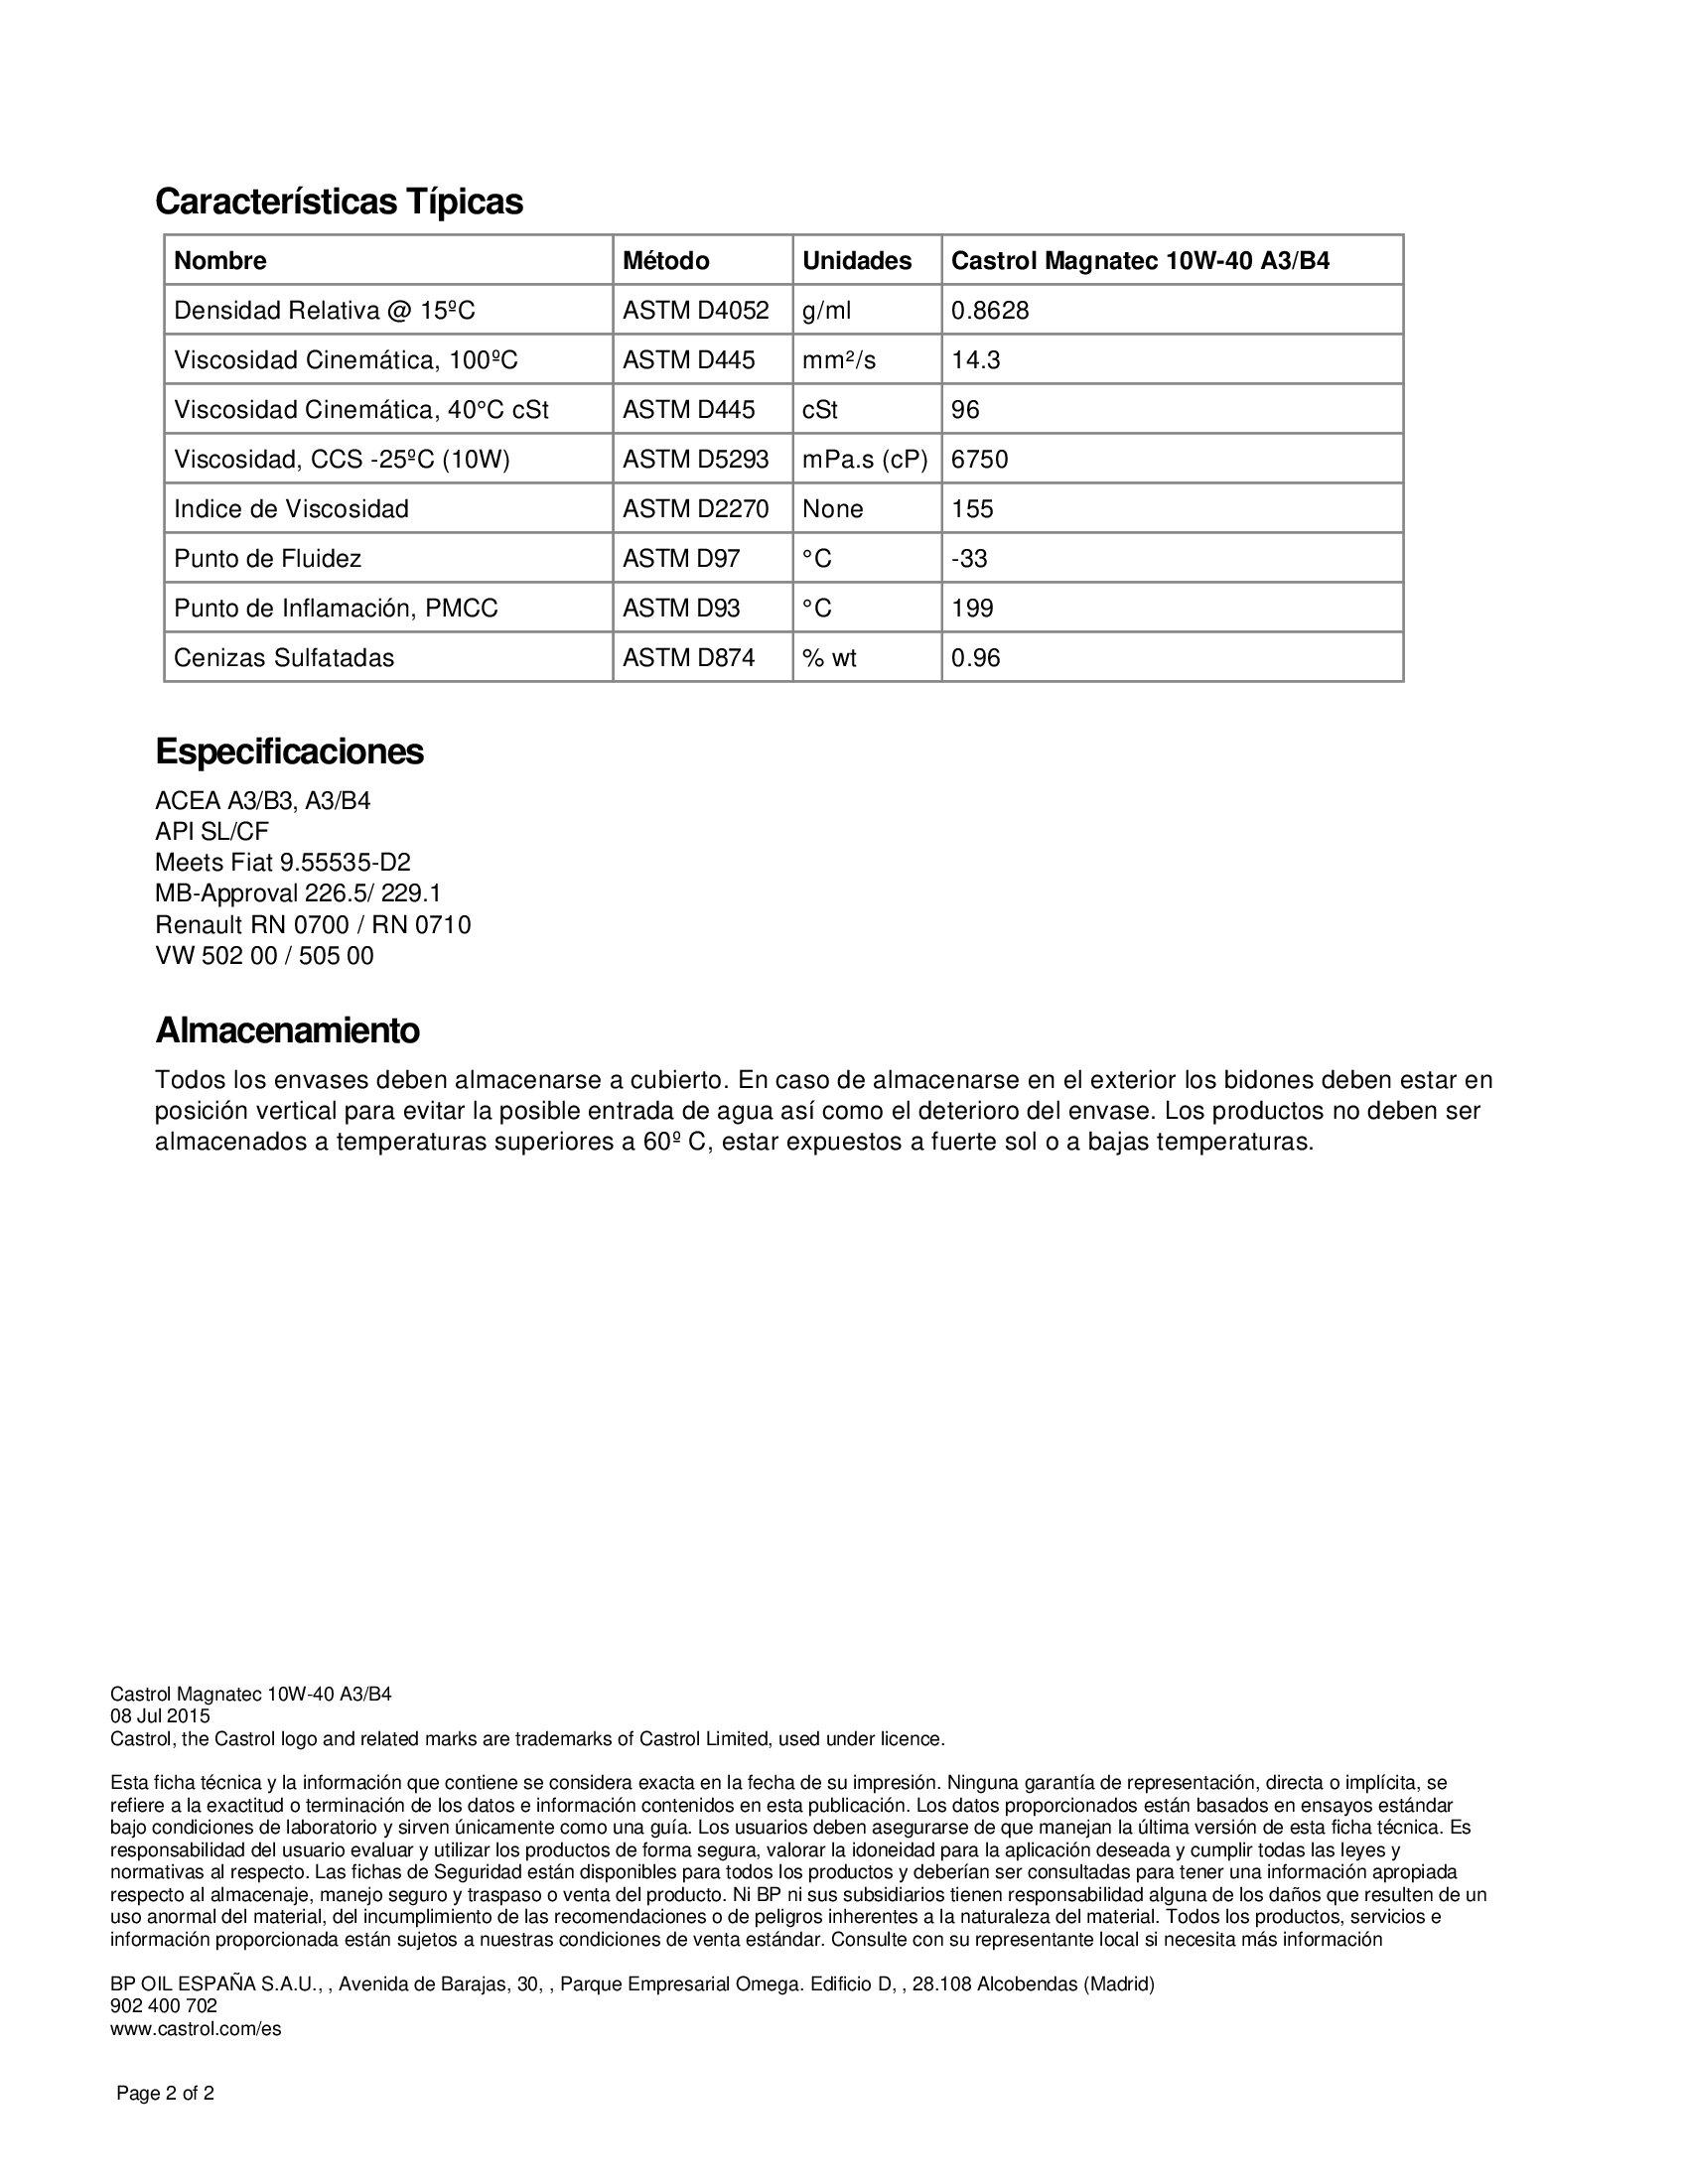 CASTROL_Magnatec_10w40_001.jpg